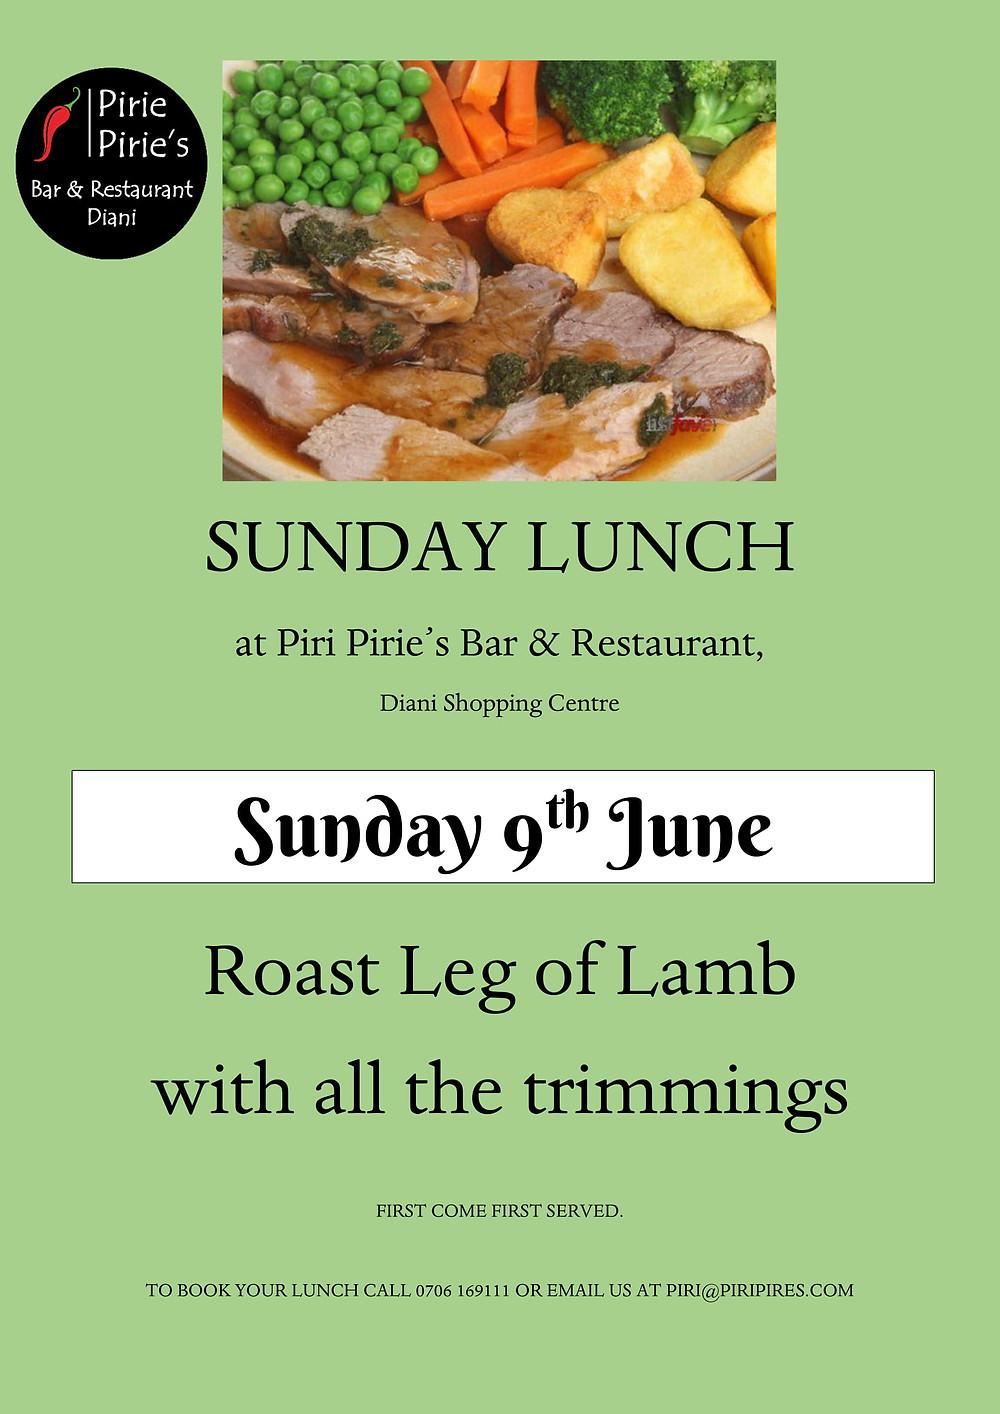 Roast Leg of Lamb Sunday Special 9th June